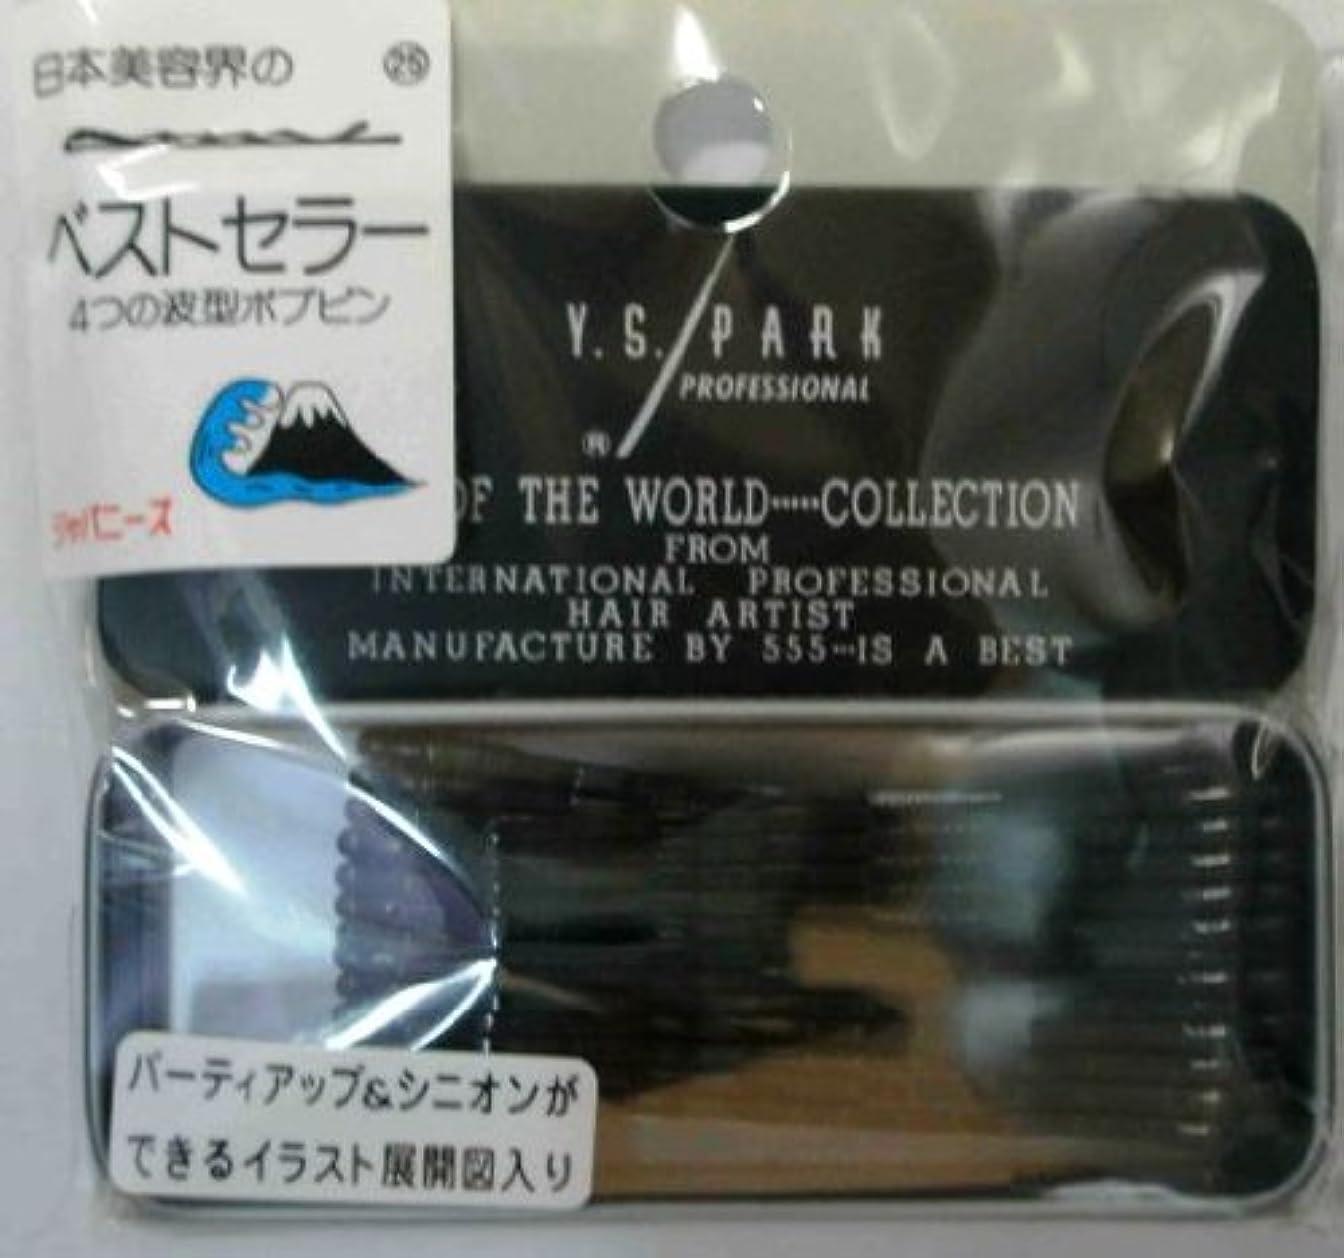 不誠実コマンドひもY.S.PARK世界のヘアピンコレクションNo.25(ボブピン)ジャパニーズ48P